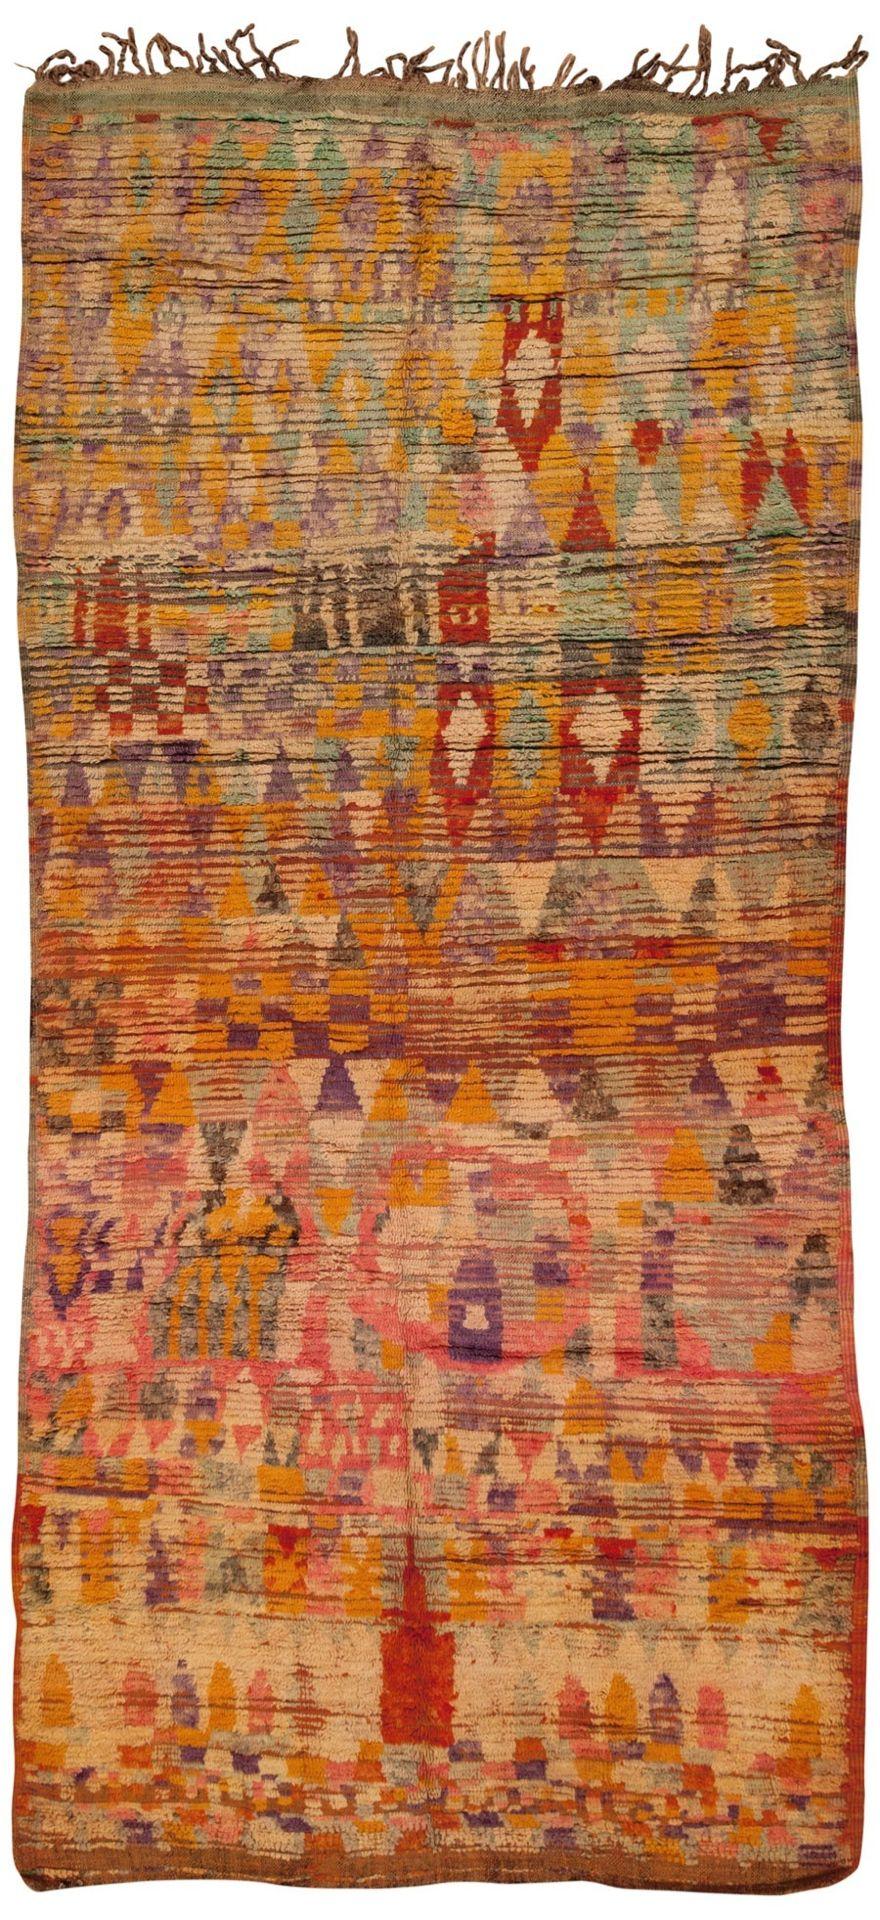 Patternbase Moroccan Rug Marokkanische Teppiche Teppich Kaufen Berber Teppich